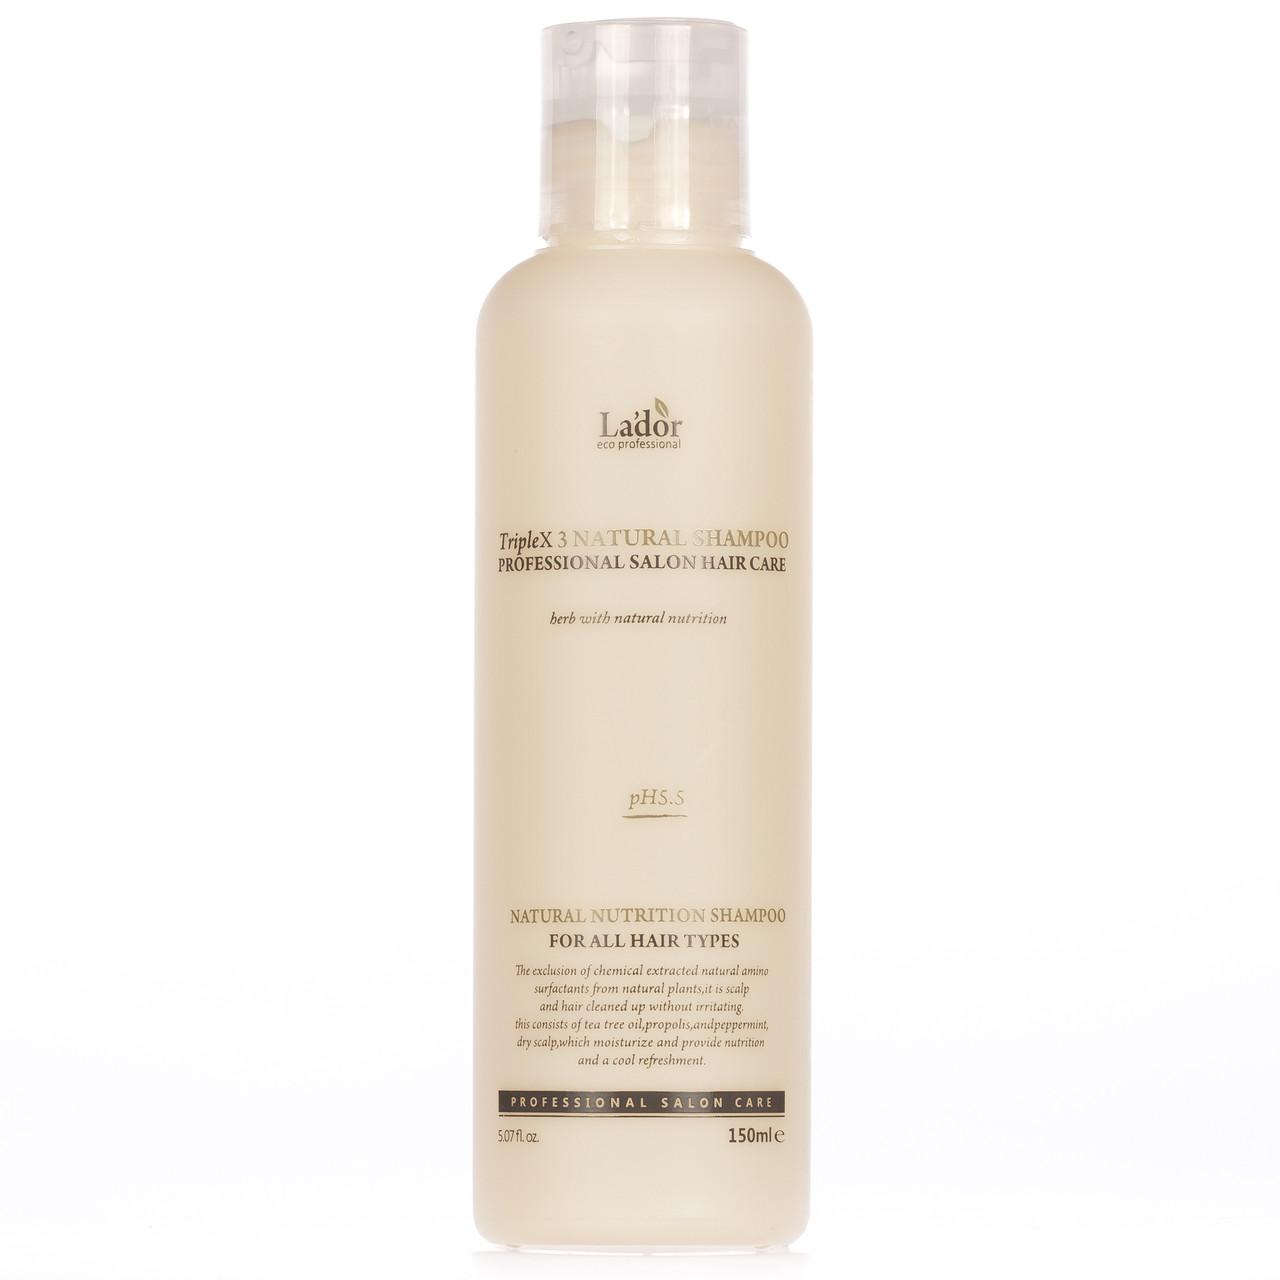 Органический шампунь LADOR Triplex Natural Shampoo, 150 мл